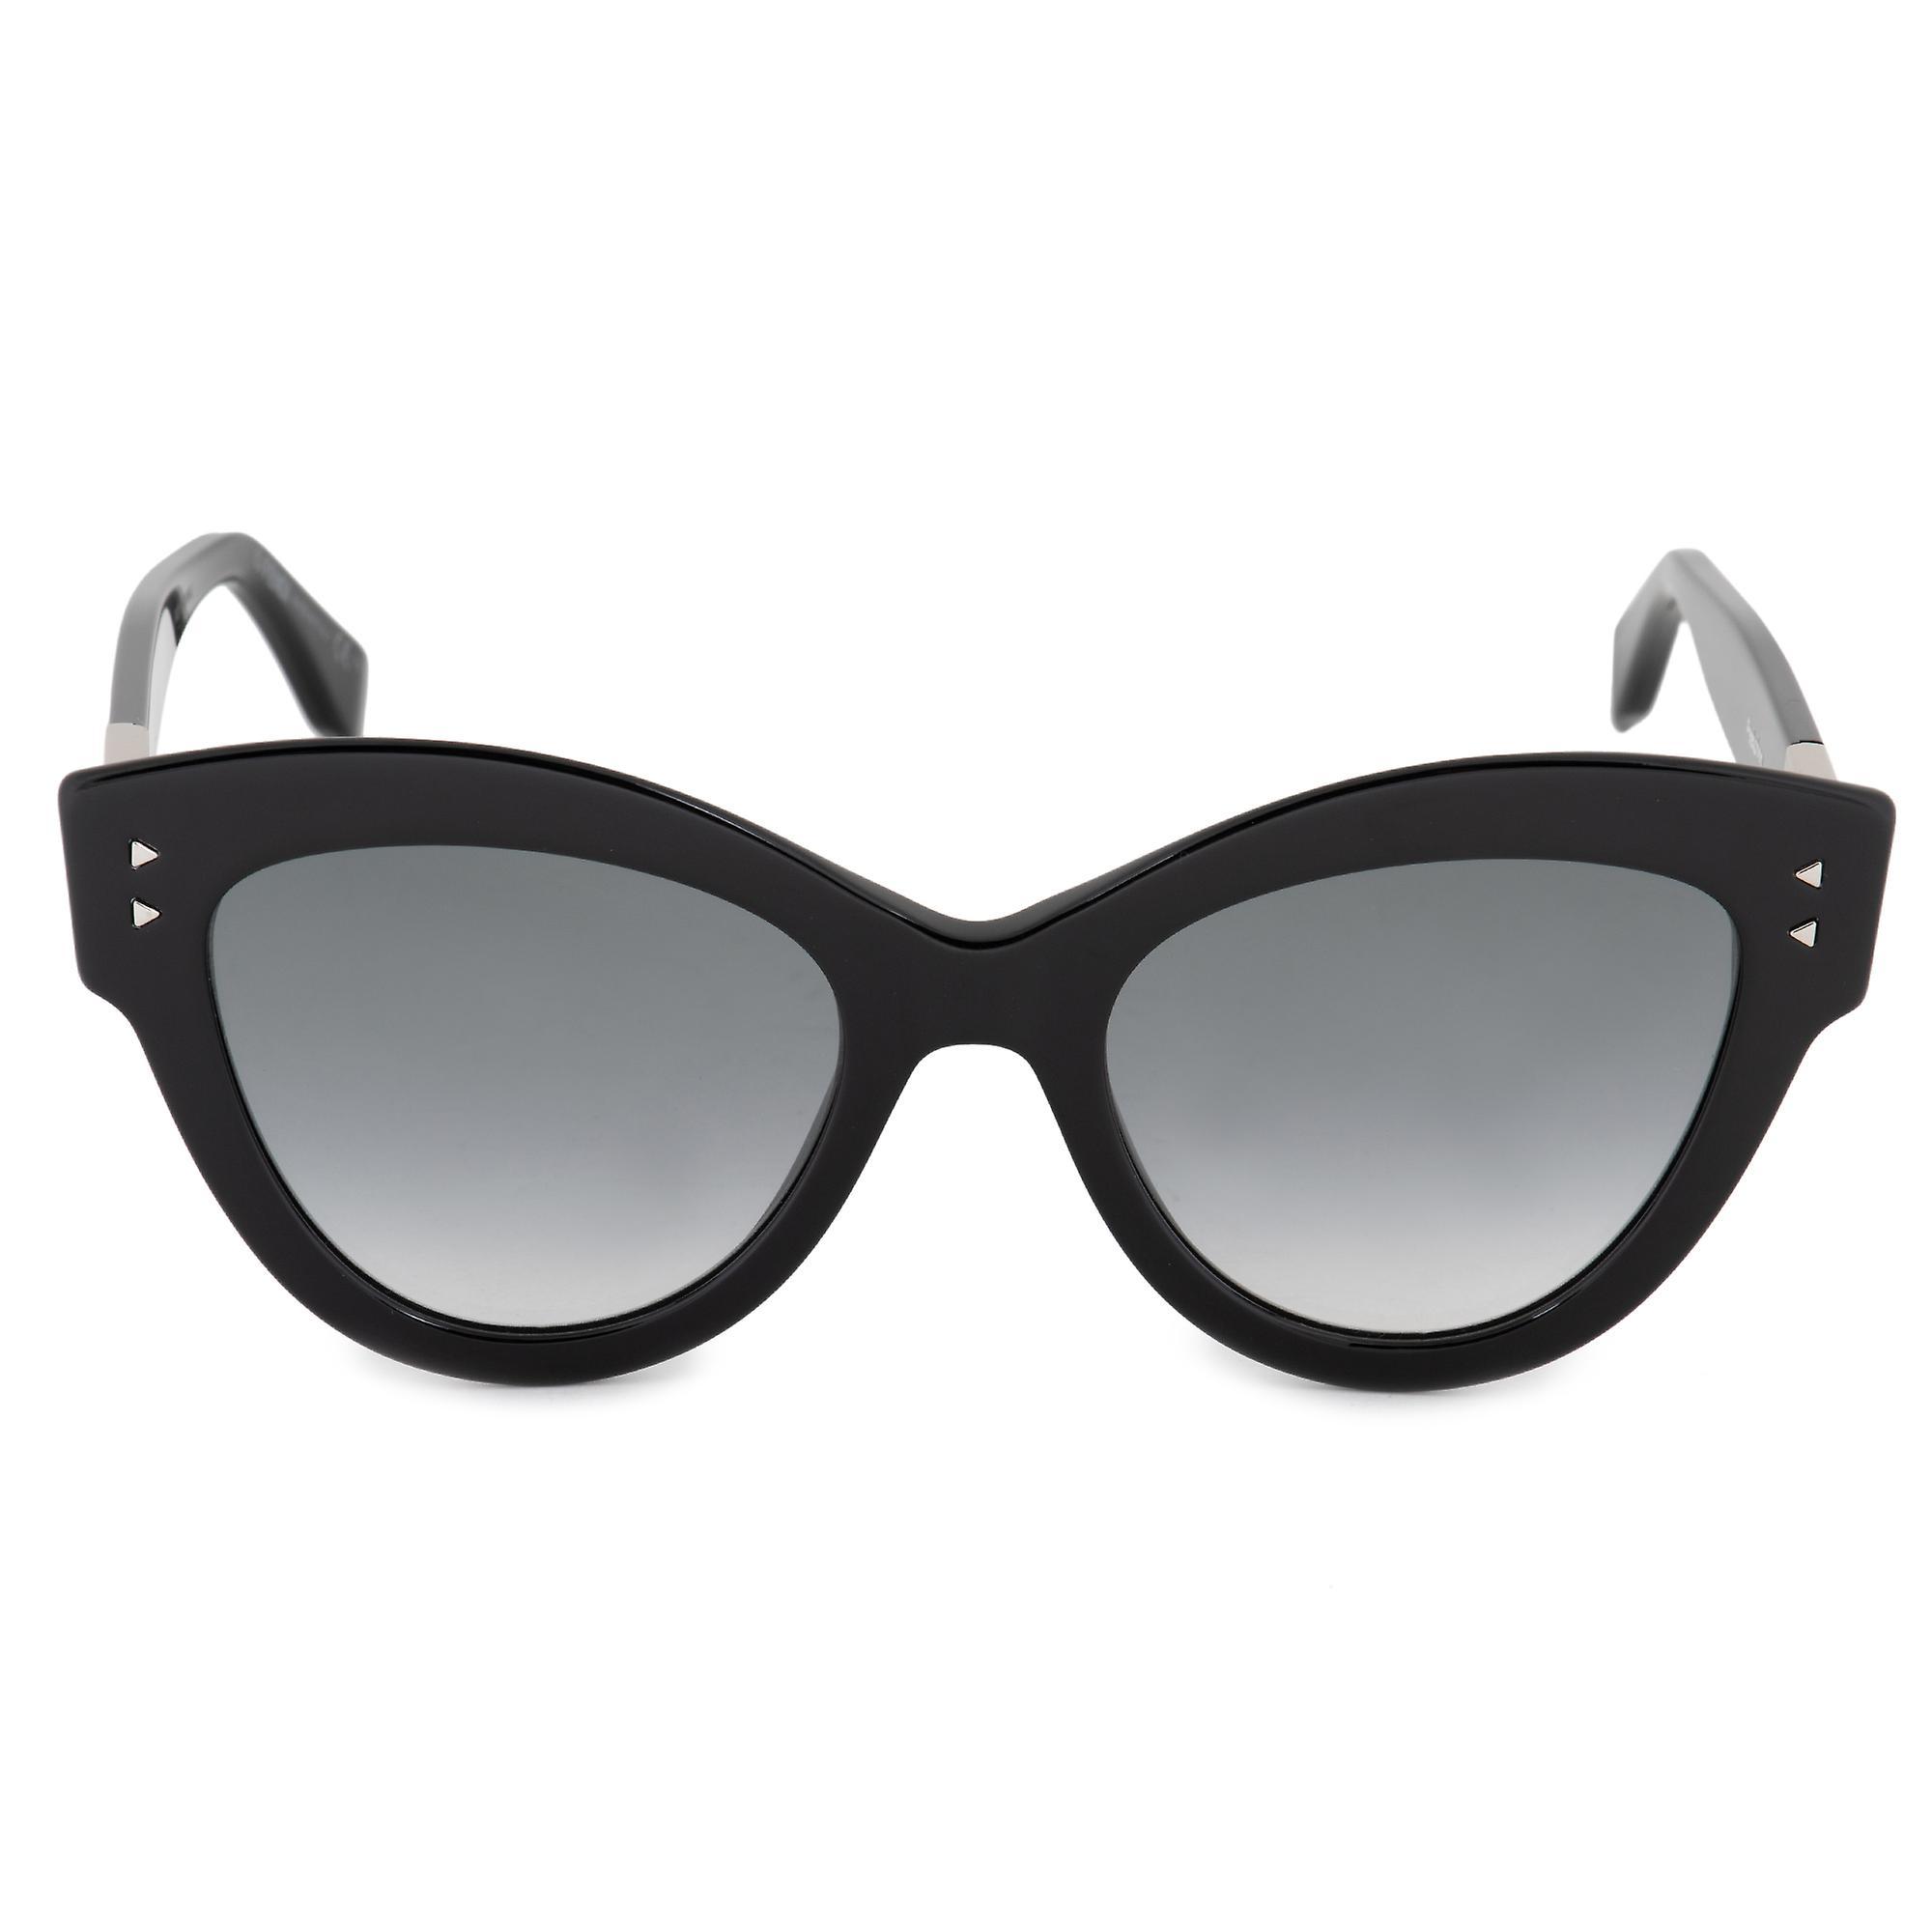 Fendi Peekaboo FF 0266 S 807 9O 52 Cat Eye Sunglasses